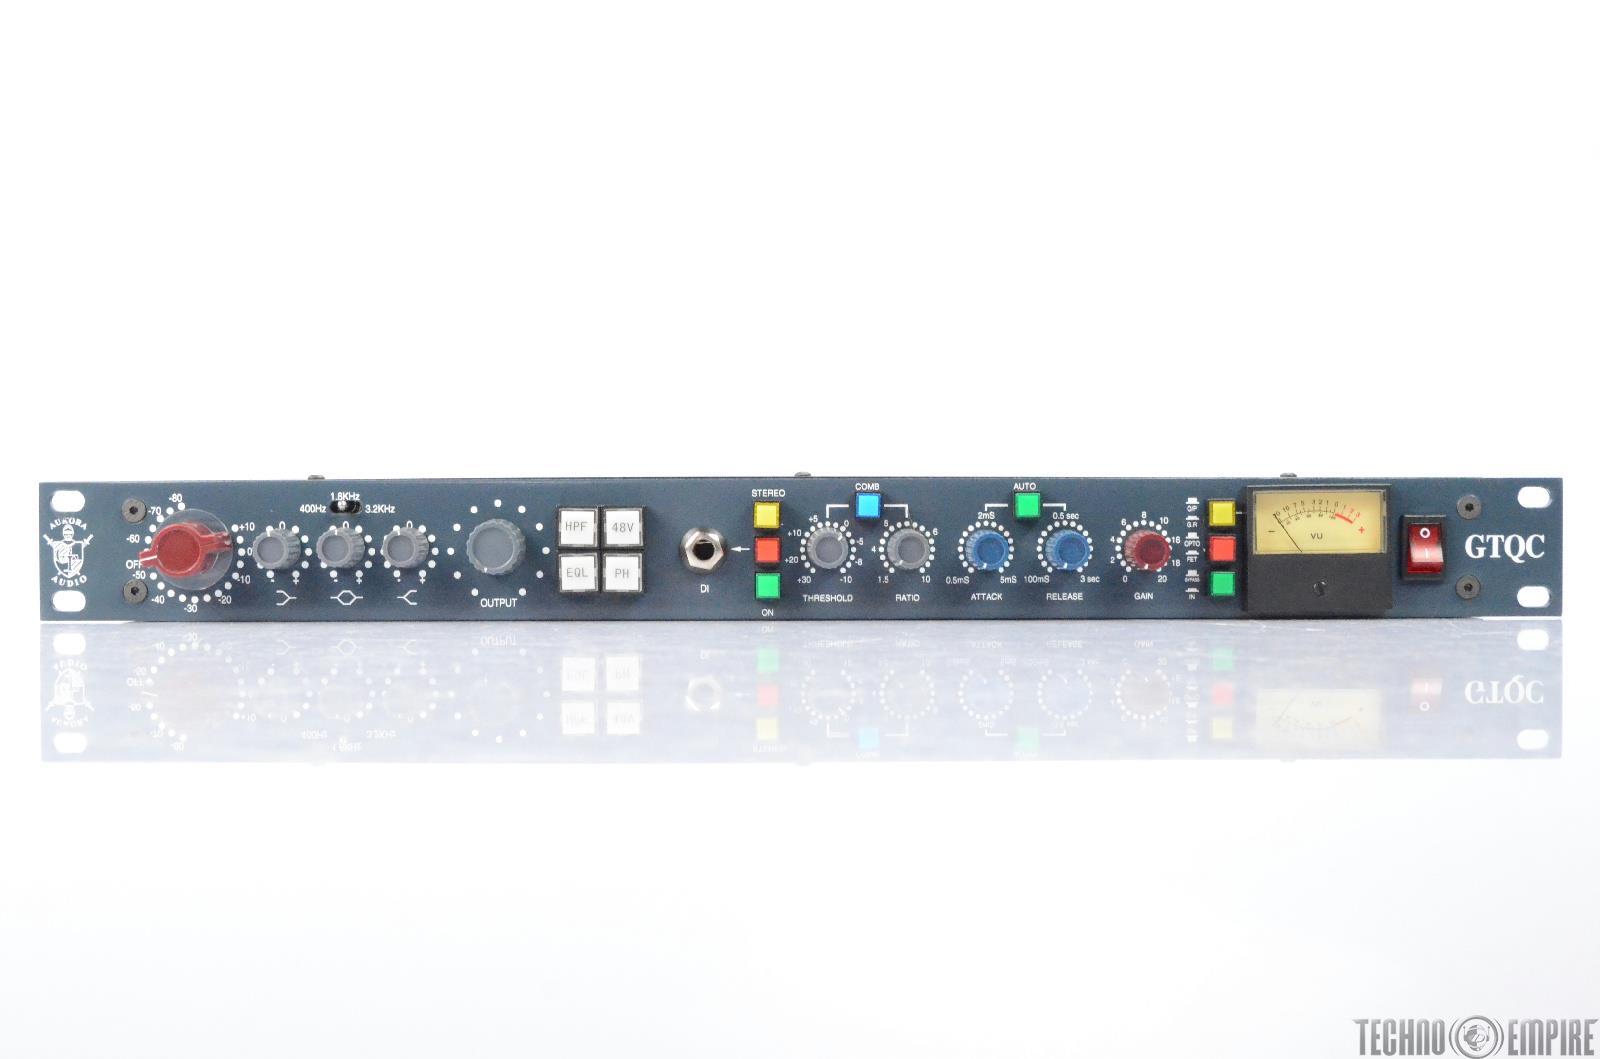 Aurora Audio GTQC Preamp Compressor Channel Strip Grandmaster Recorders #28712